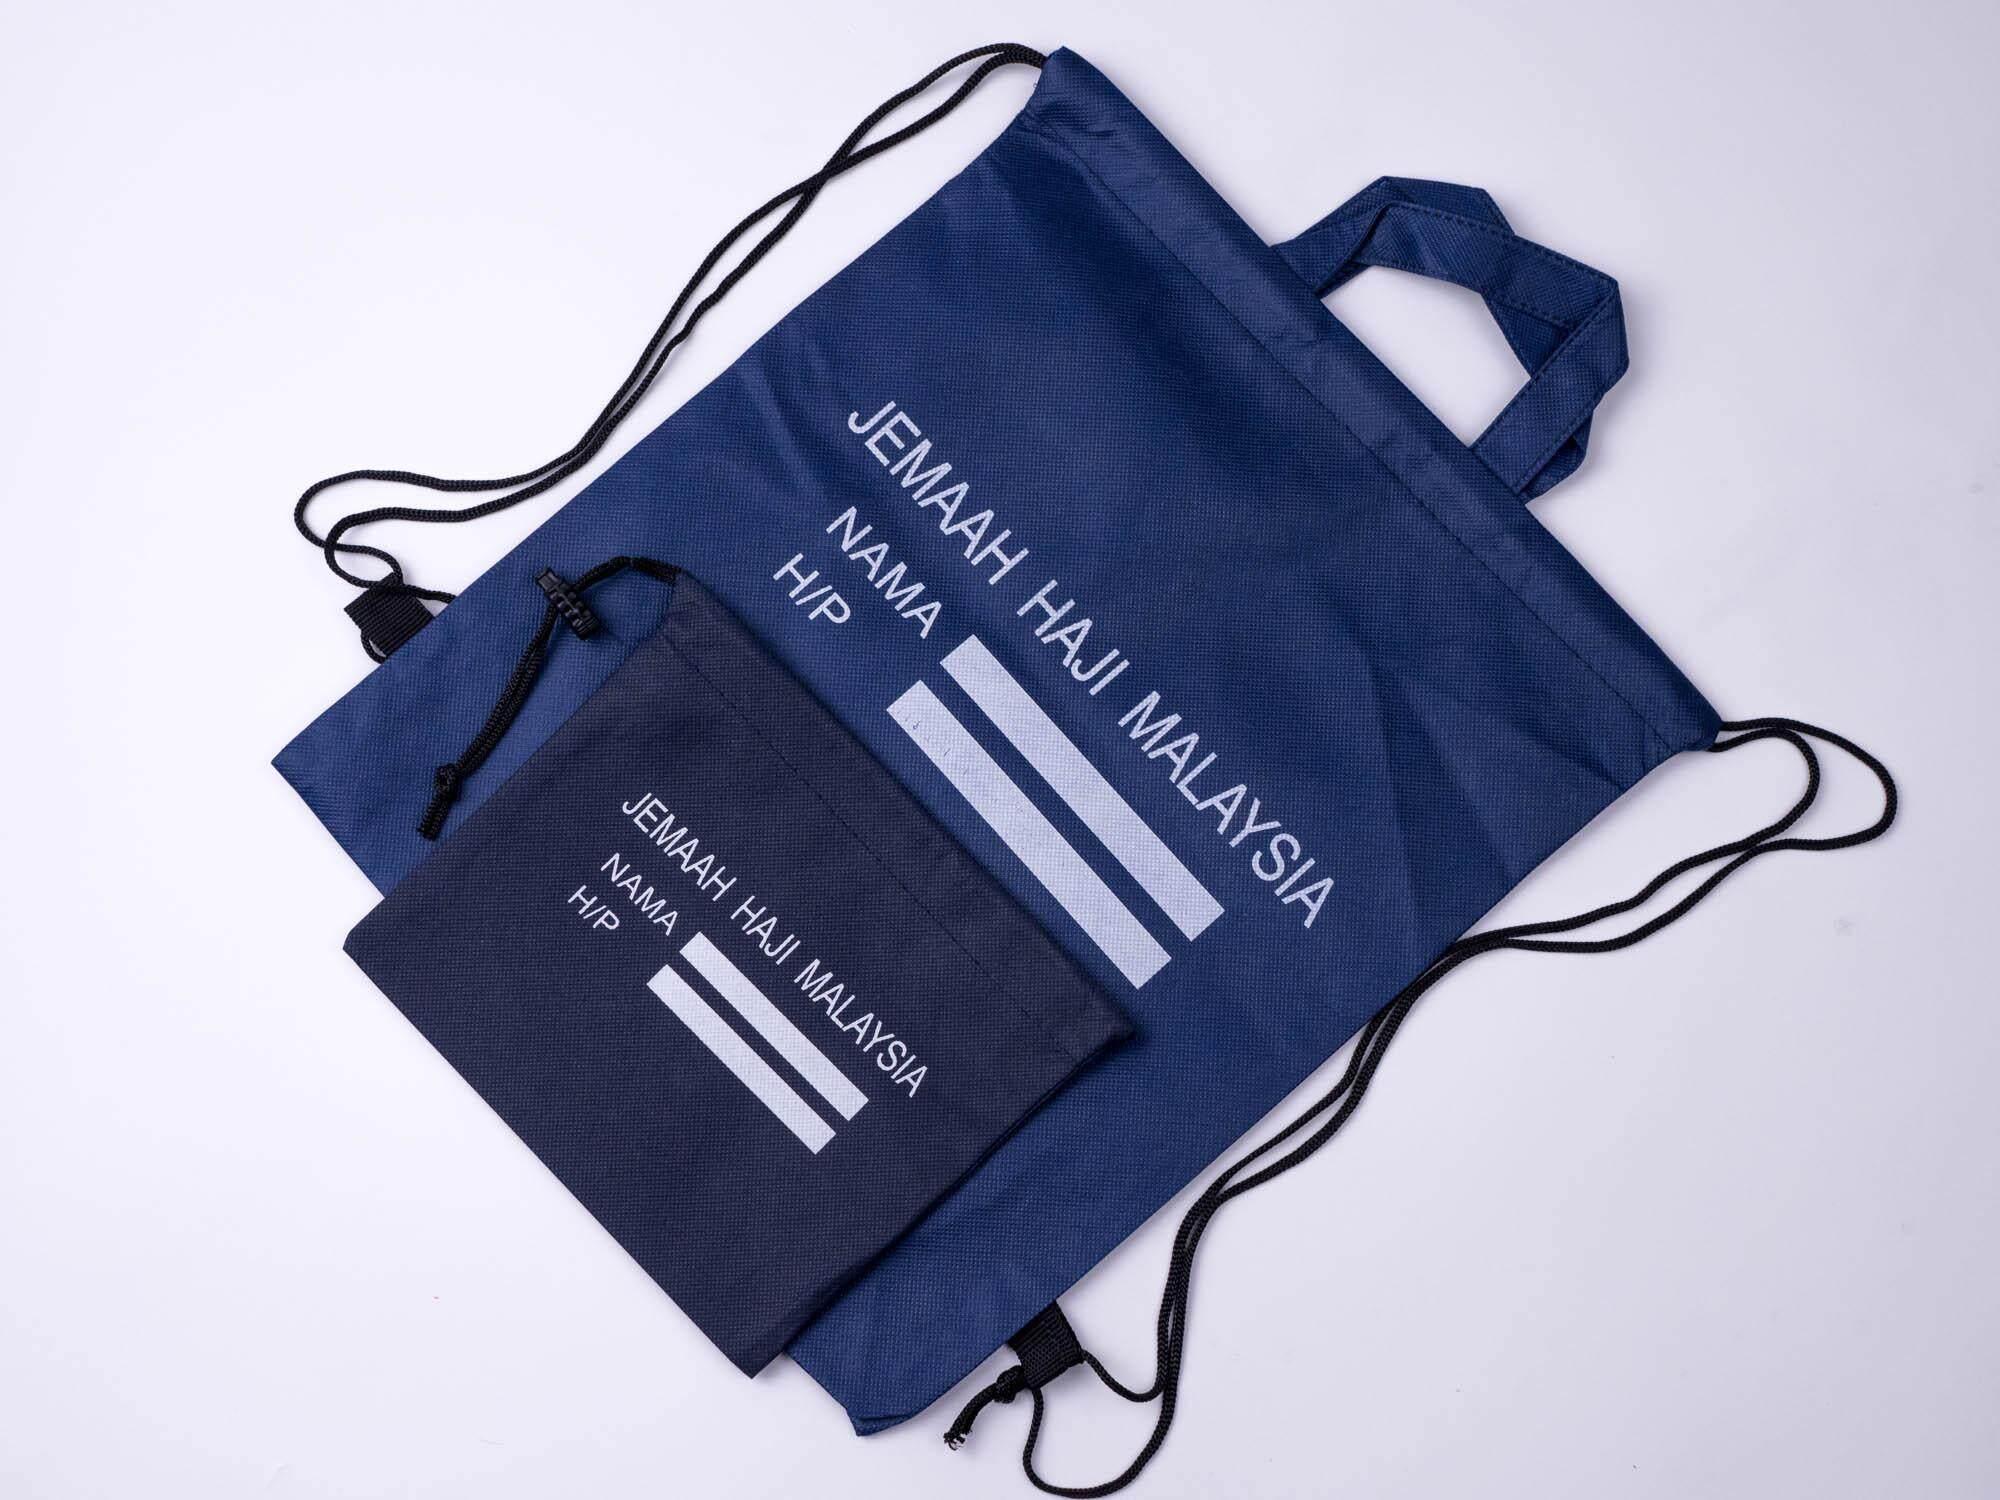 Uncang Kasut (Bag Kasut) Uncang Batu Untuk Haji & Umrah